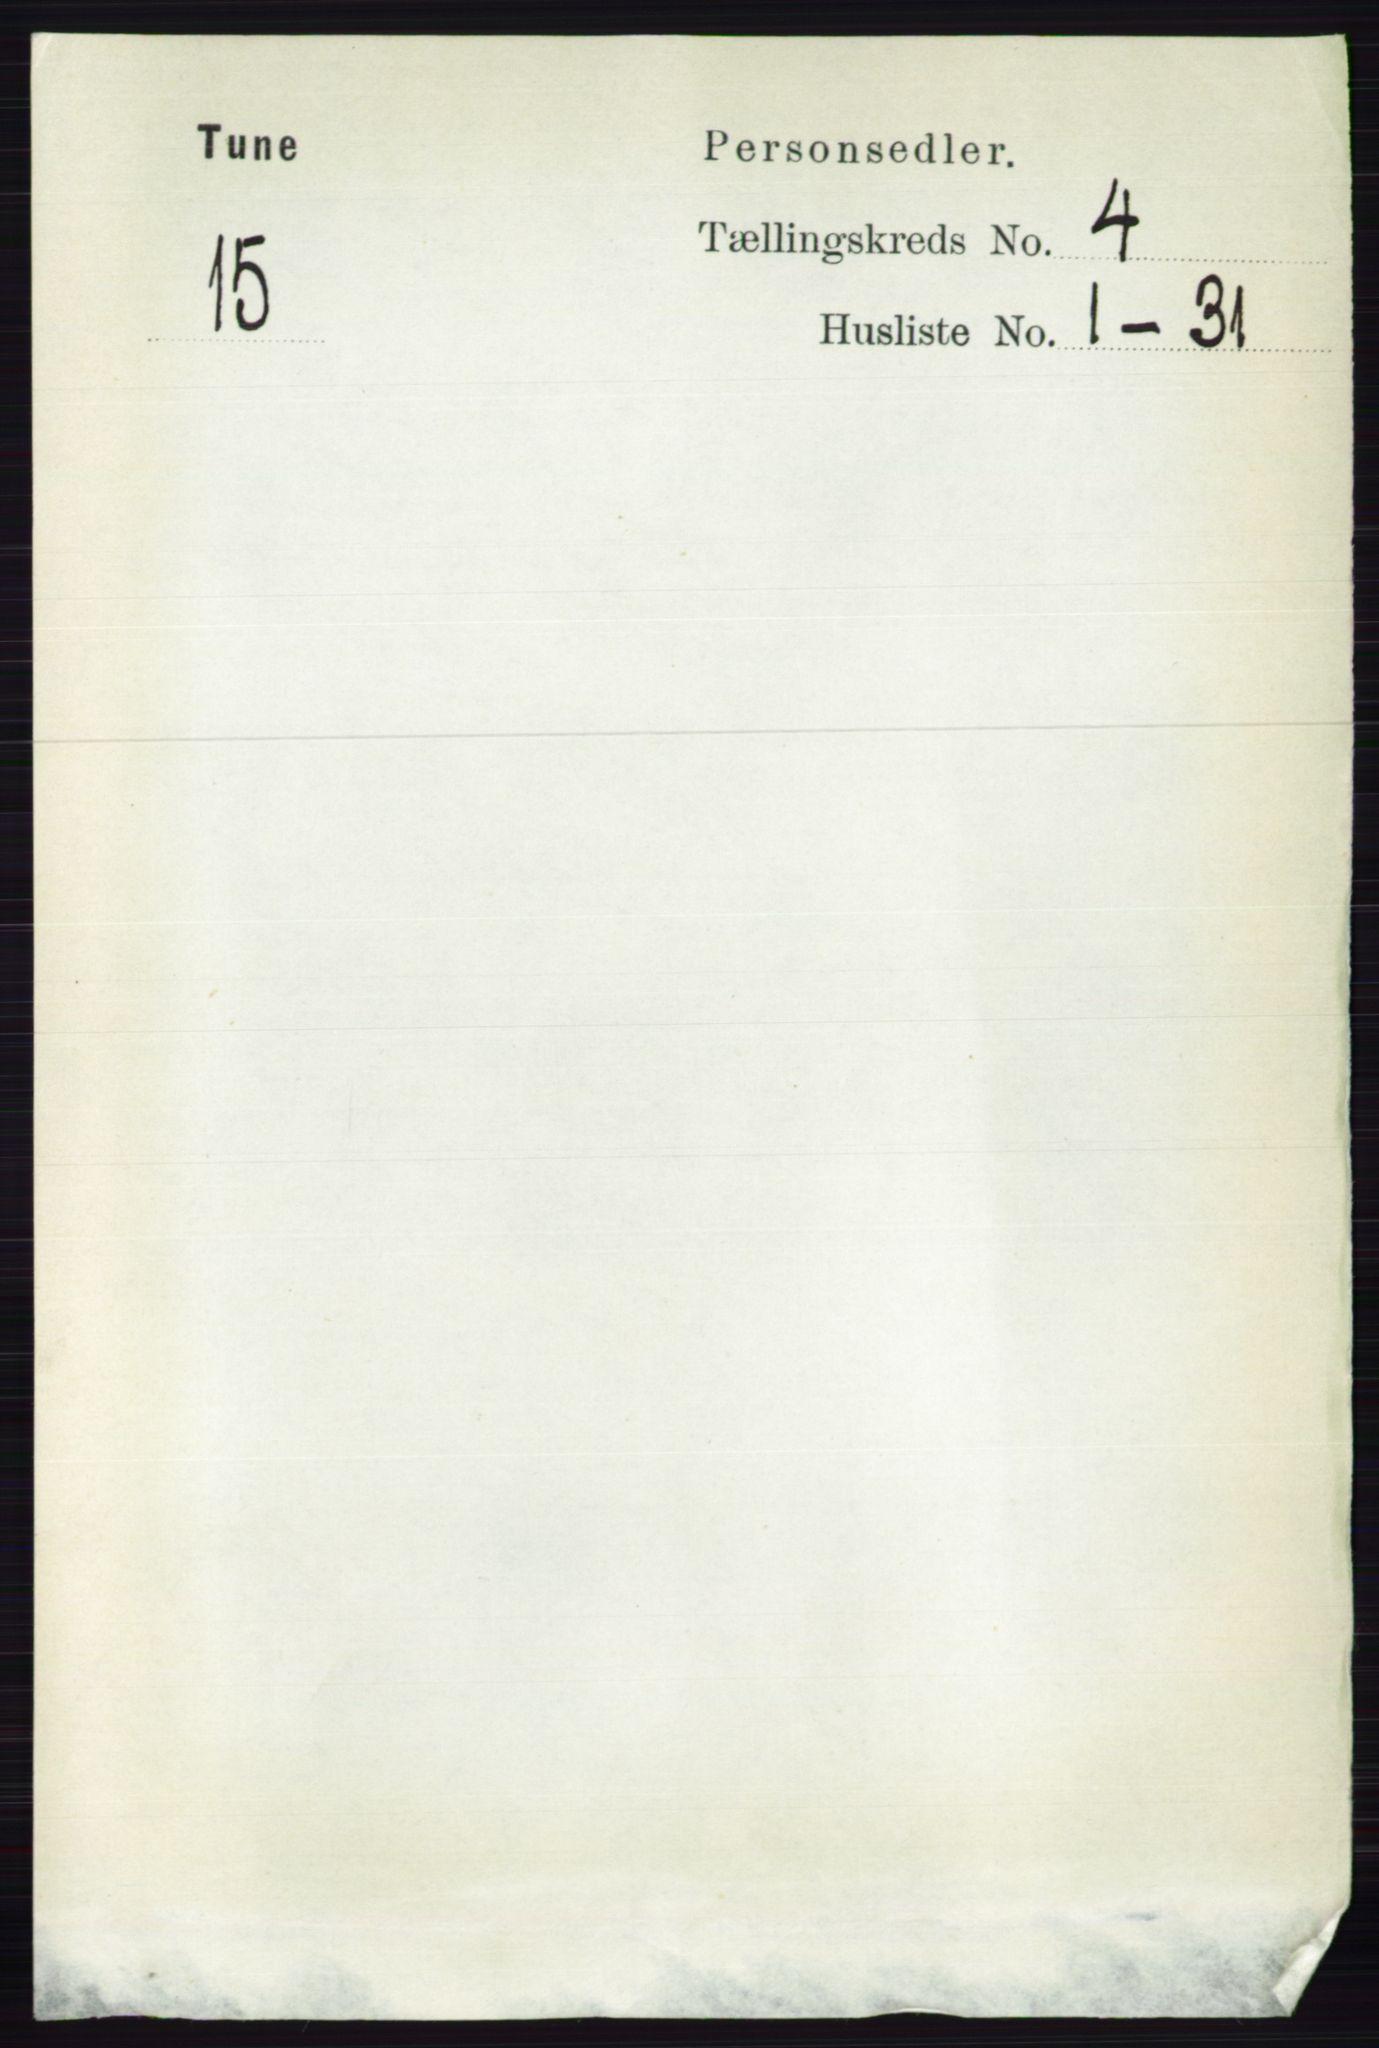 RA, Folketelling 1891 for 0130 Tune herred, 1891, s. 2197